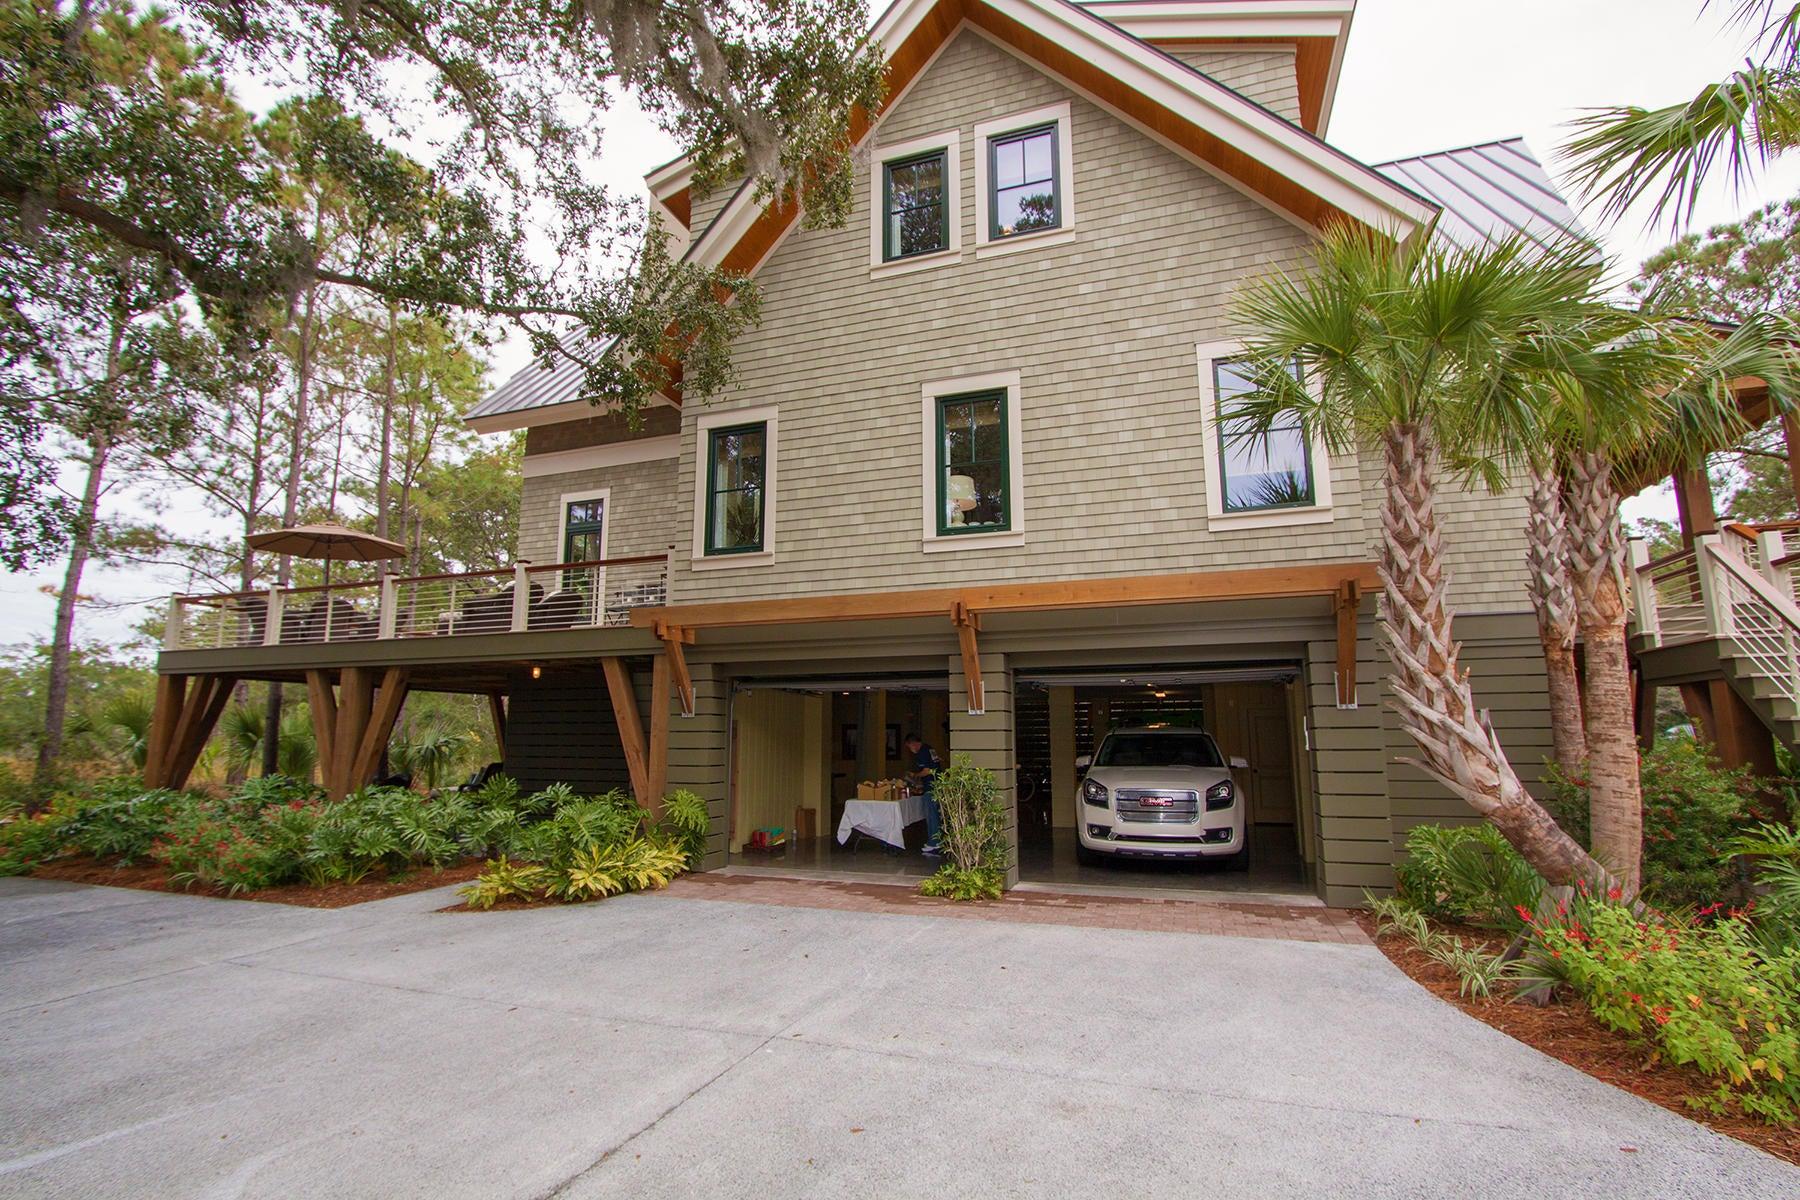 Kiawah Island Homes For Sale - 119 Halona, Kiawah Island, SC - 5